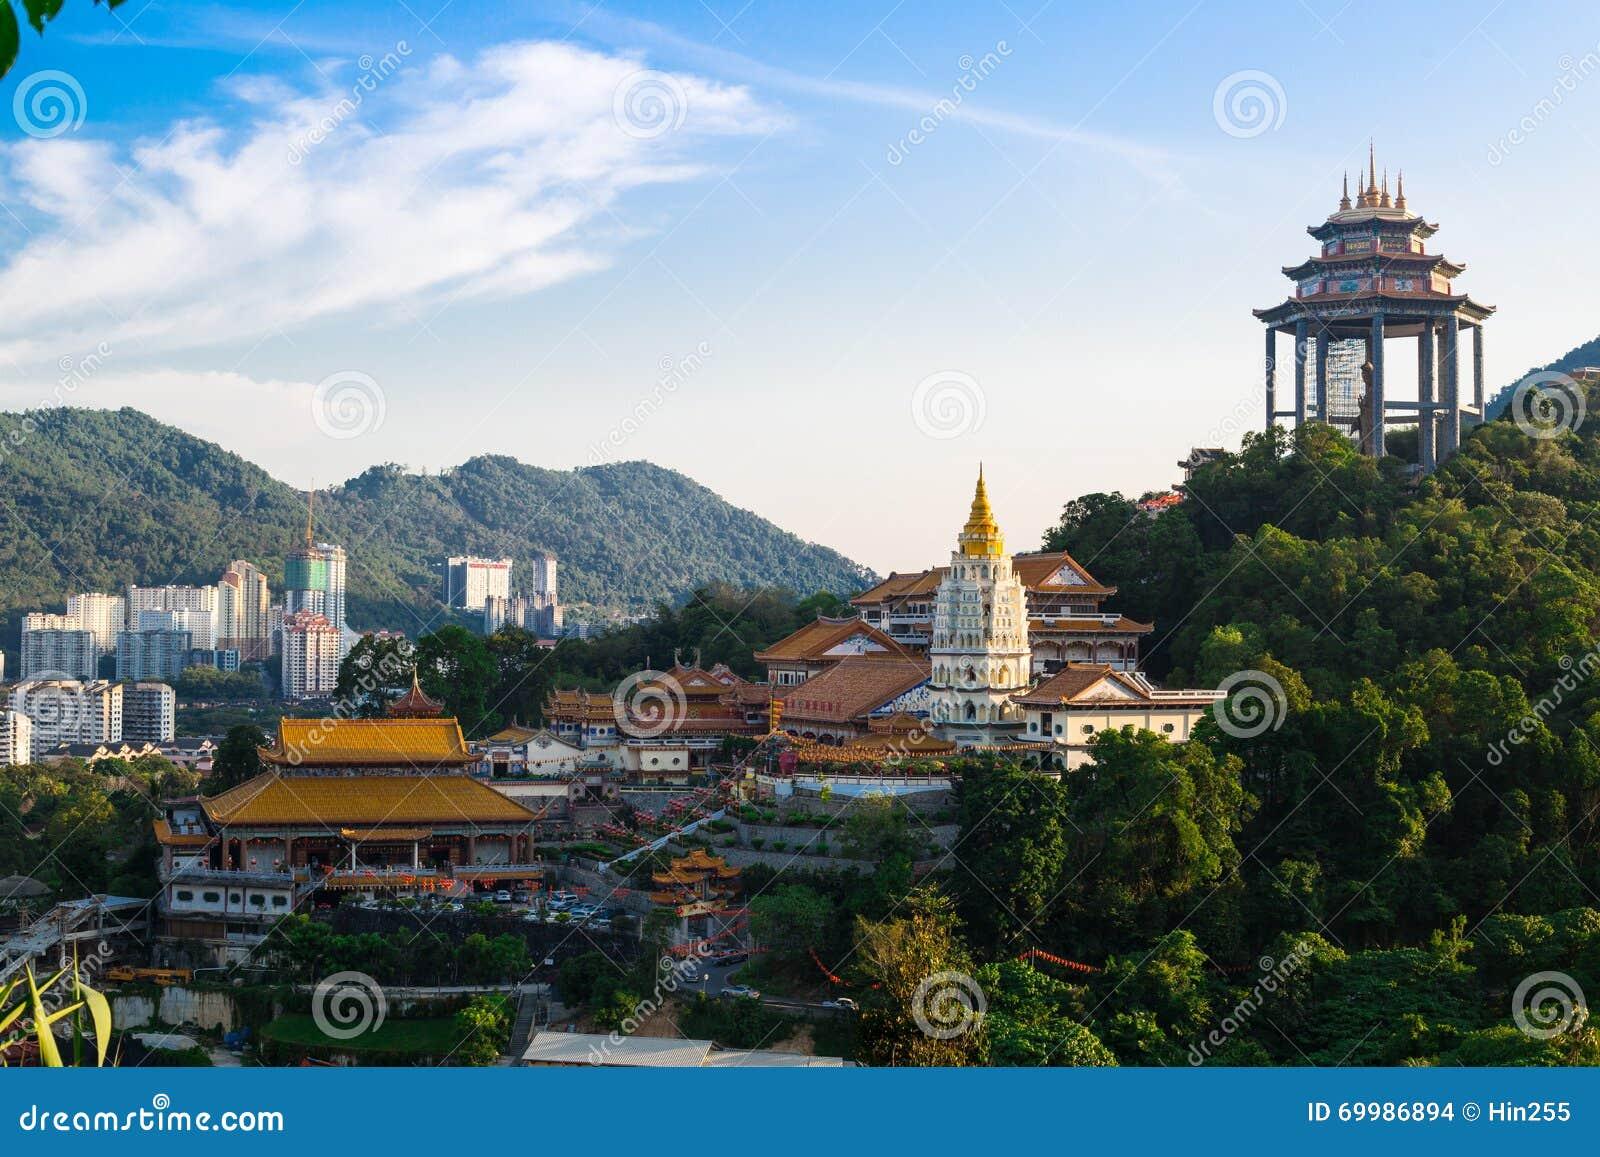 Kek Lok Si Chinese tempel